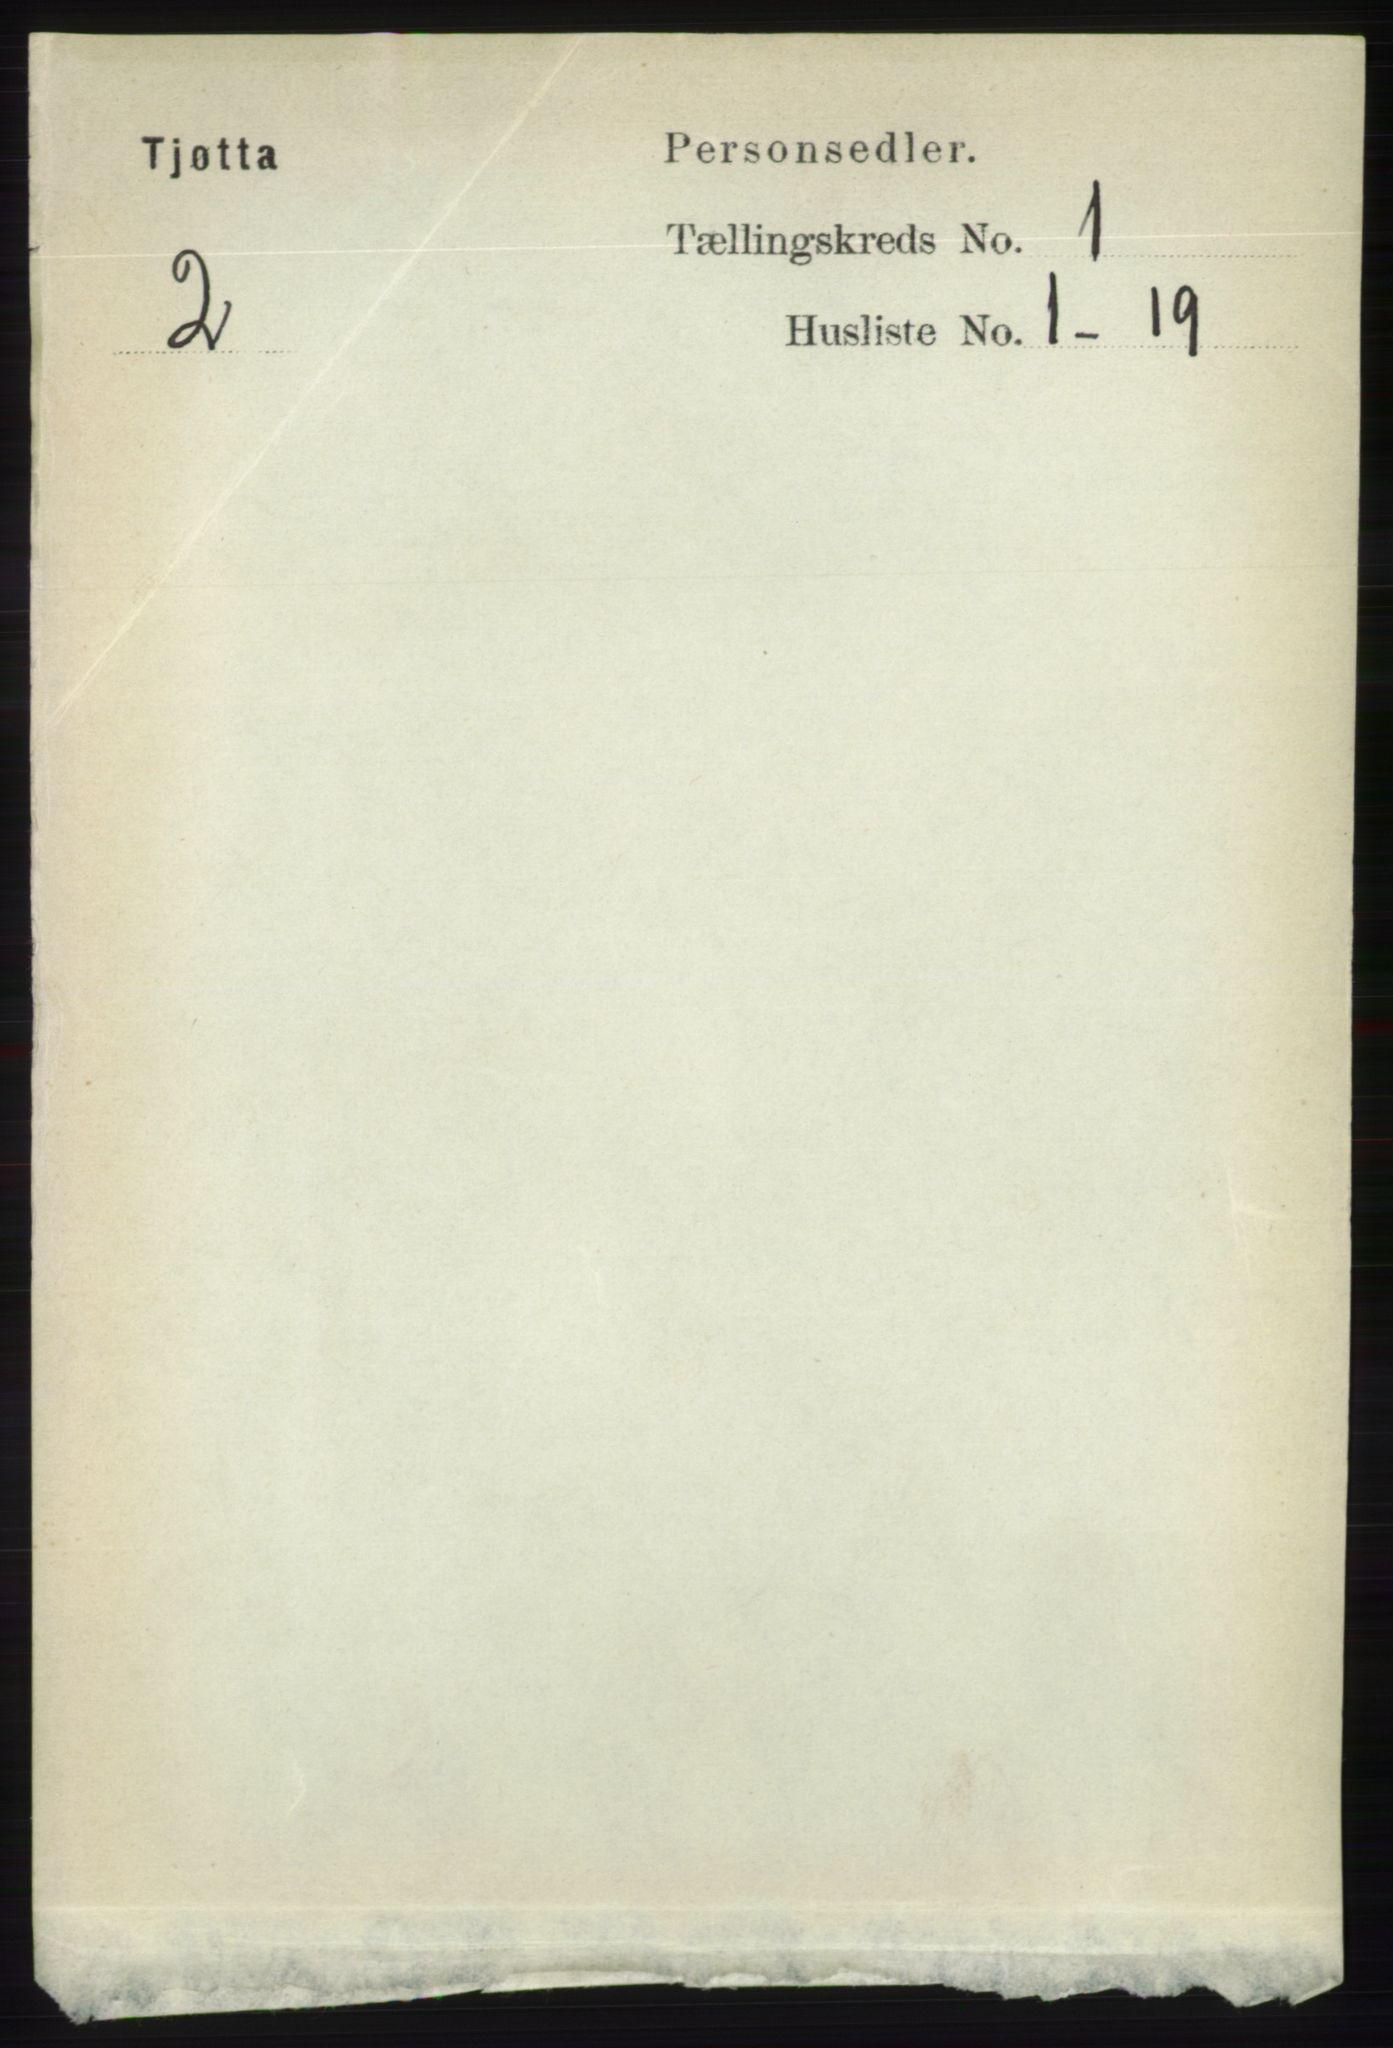 RA, Folketelling 1891 for 1817 Tjøtta herred, 1891, s. 129